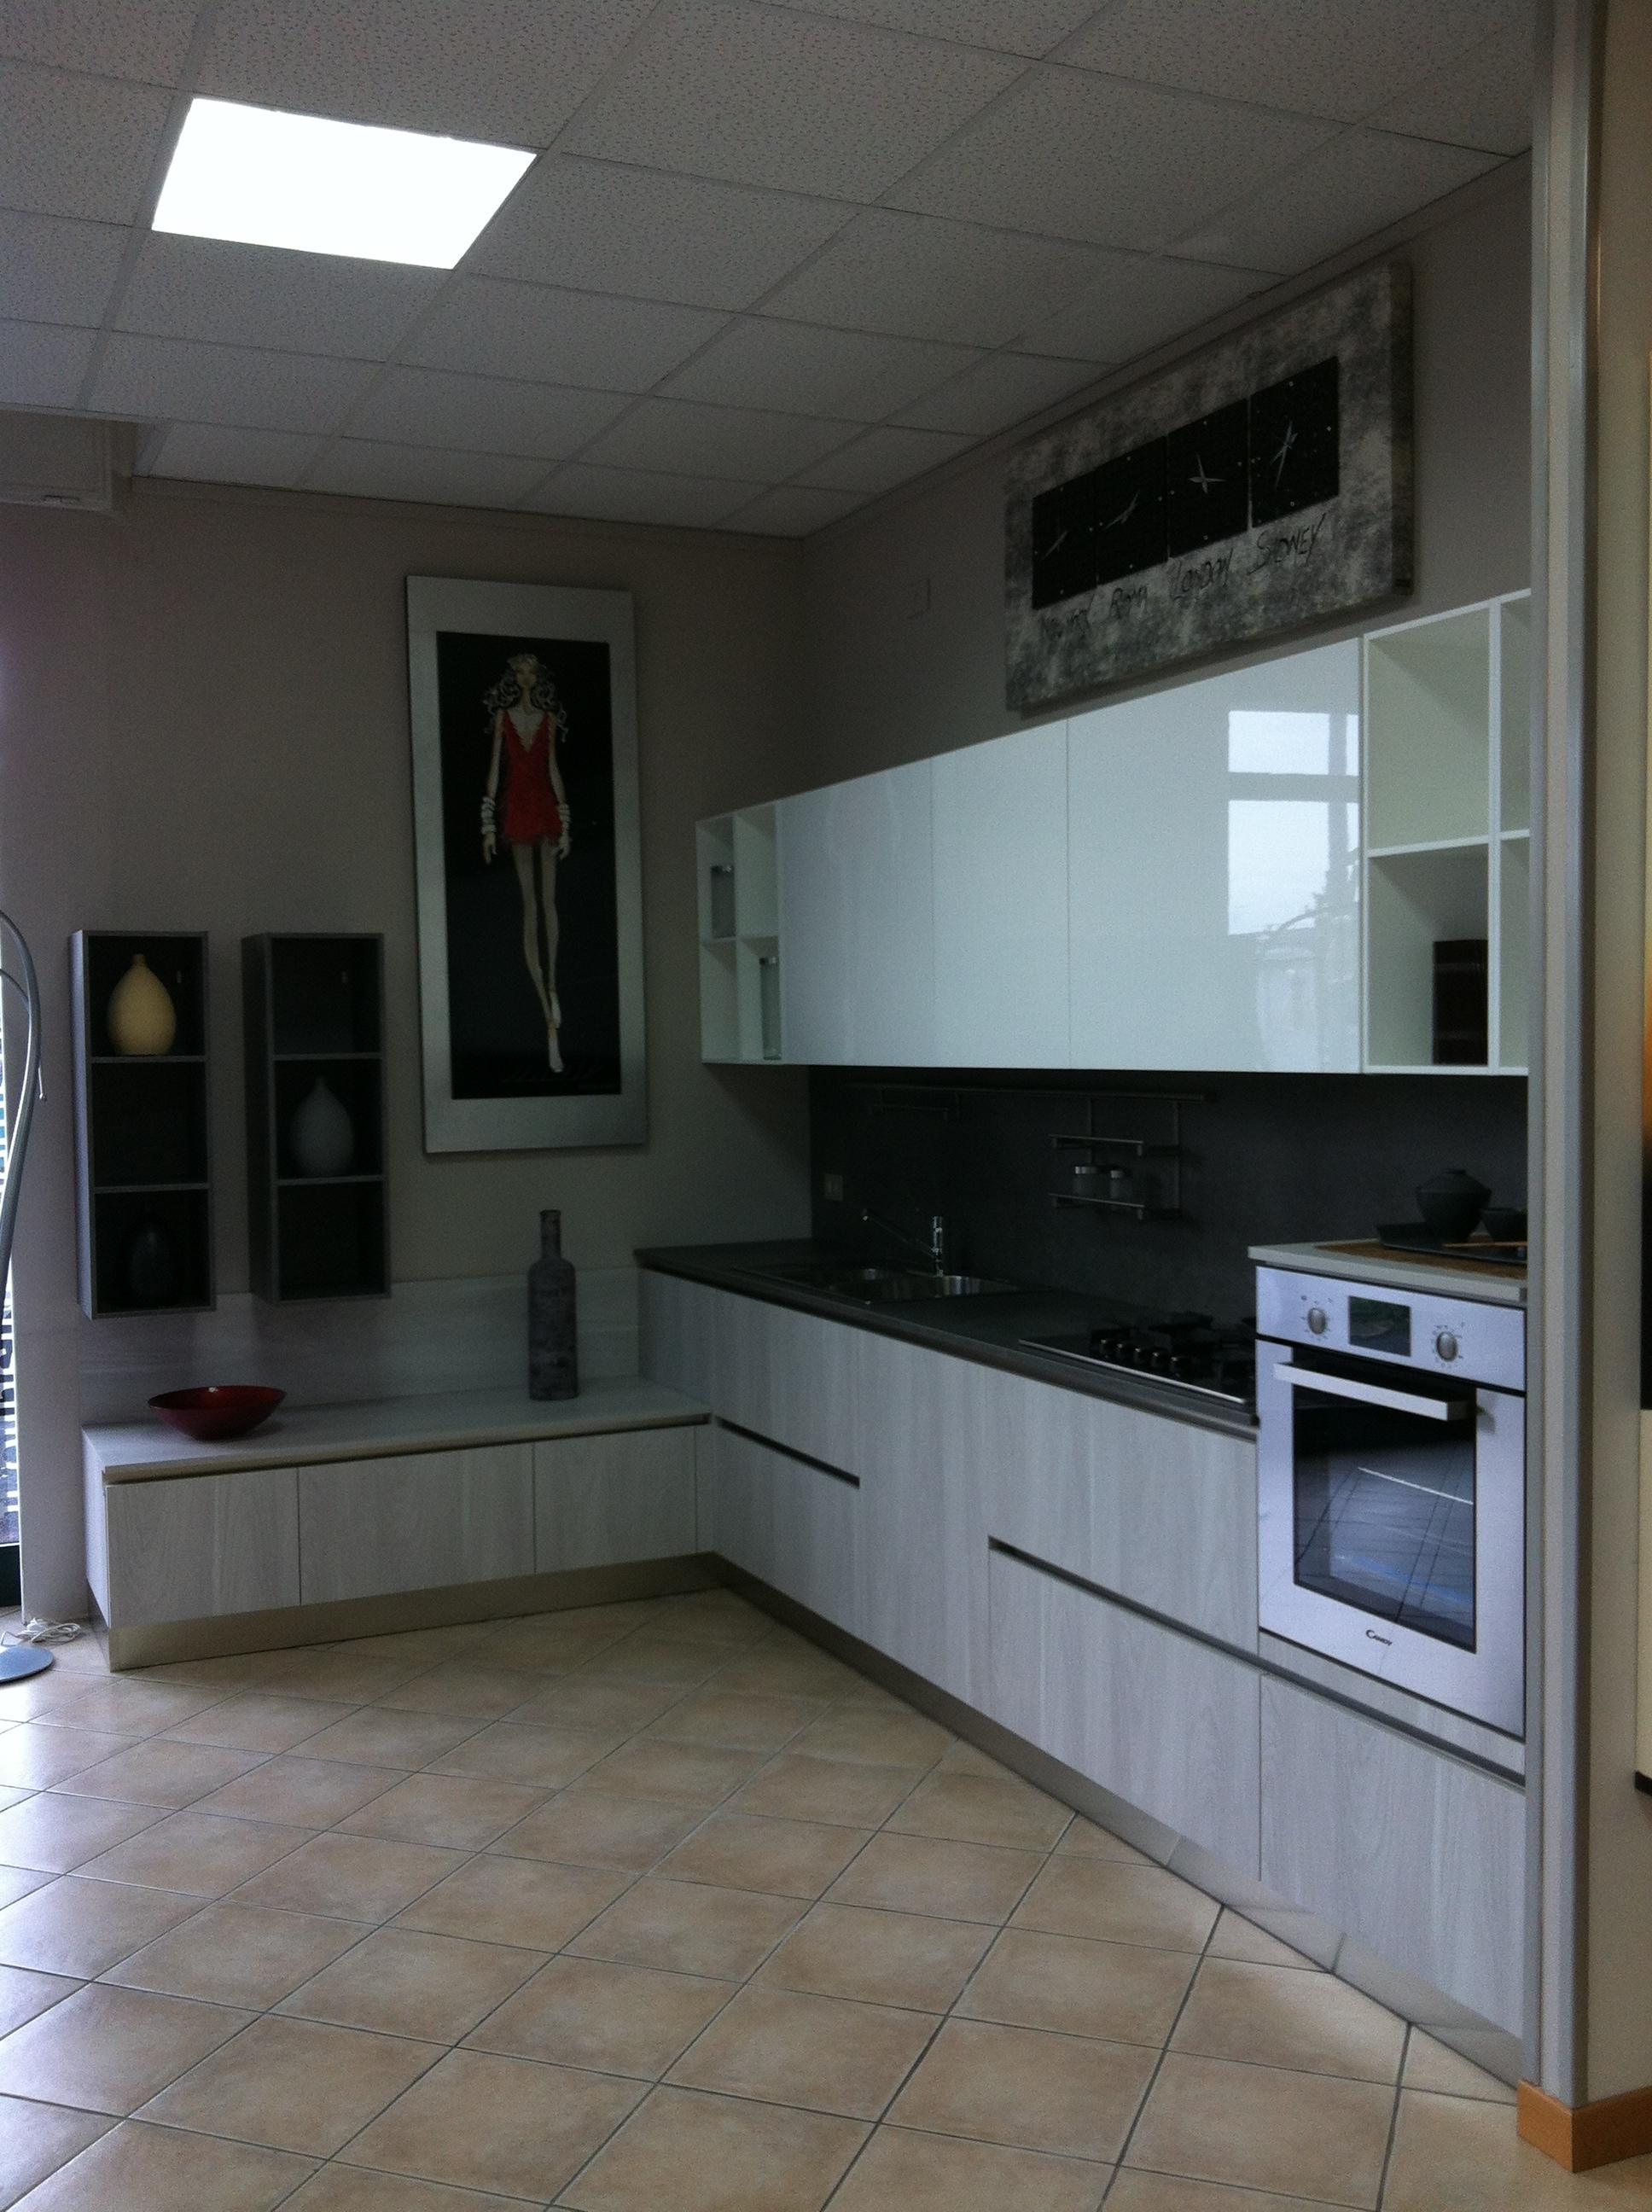 Nuovo centro cucine gicinque a roma gicinque cucine for Centro arredamenti roma